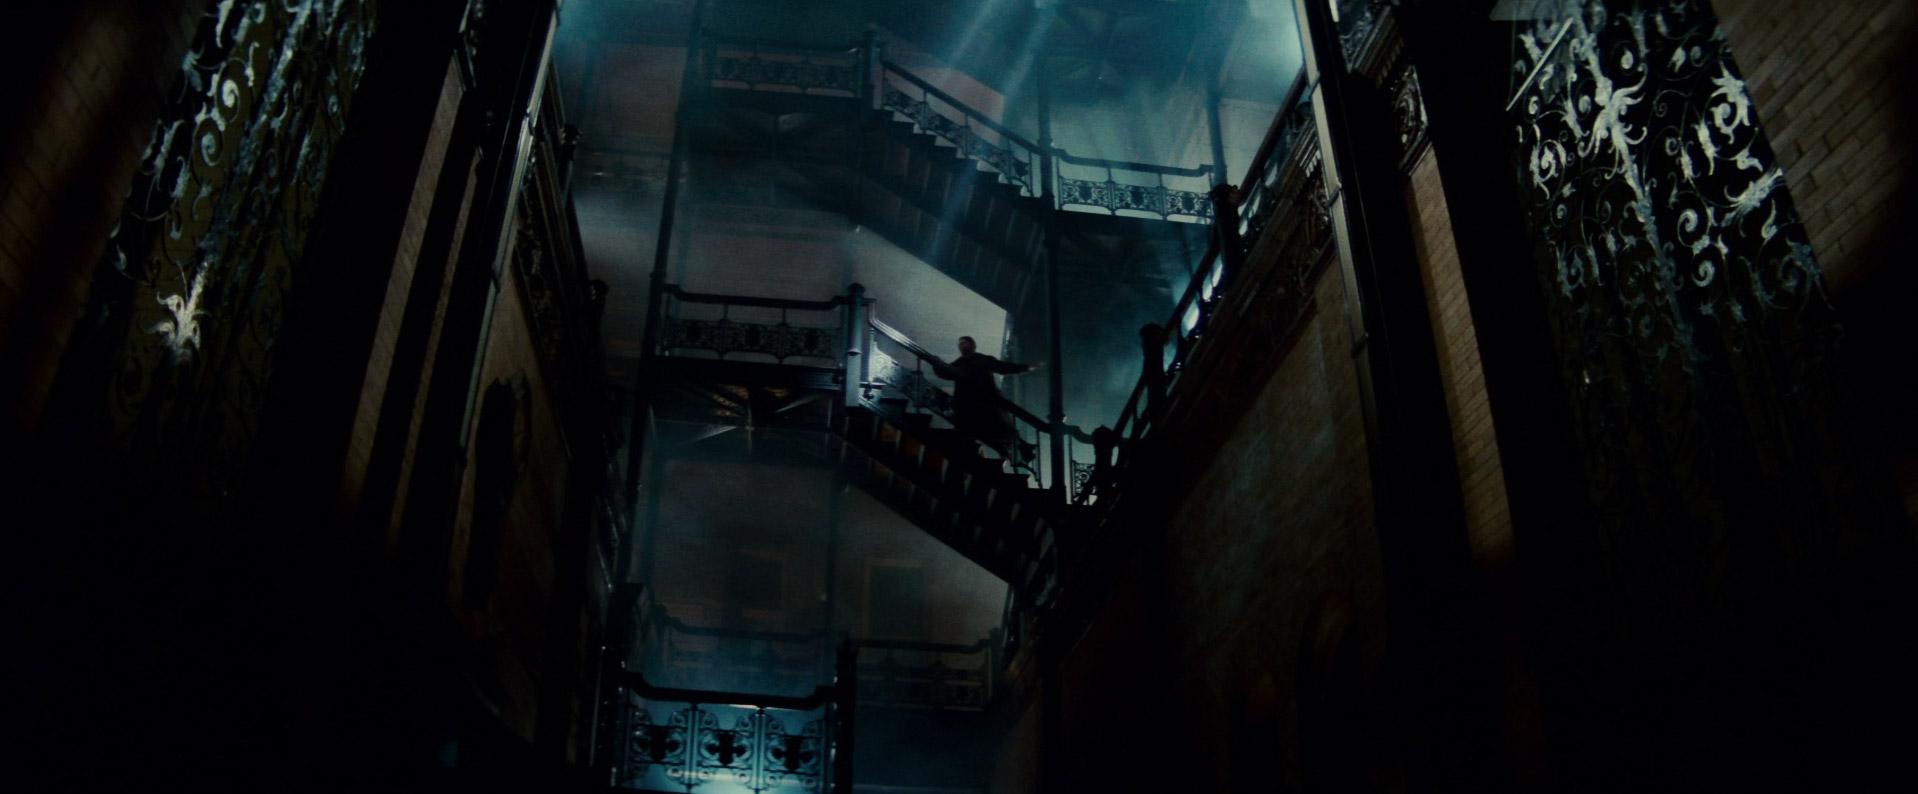 Blade-Runner-140